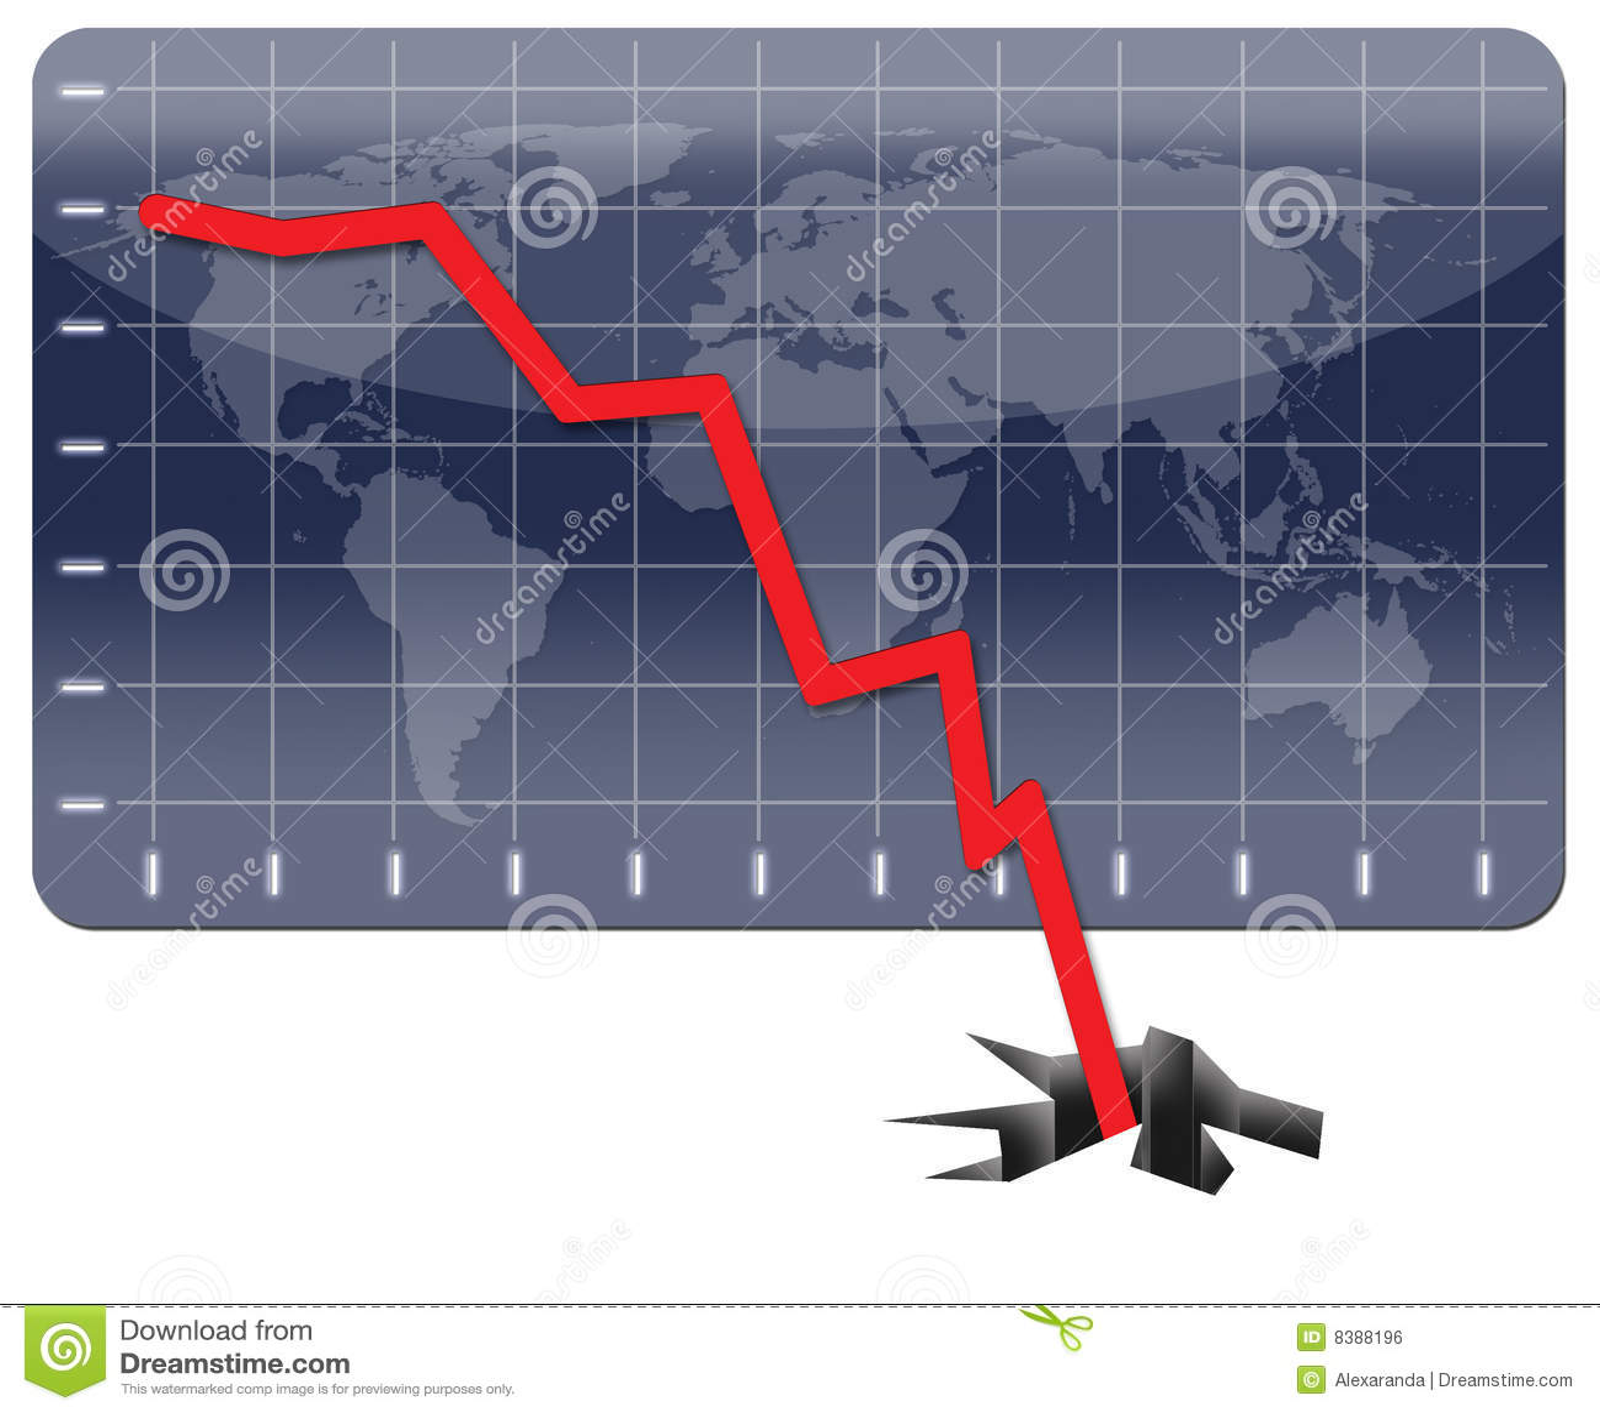 Wirtschaftskriese